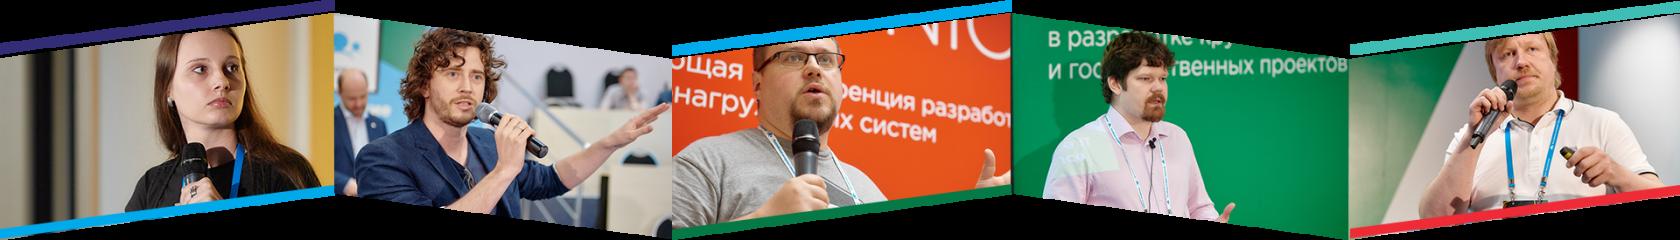 Фестиваль «Российские интернет-технологии» приглашает докладчиков - 2